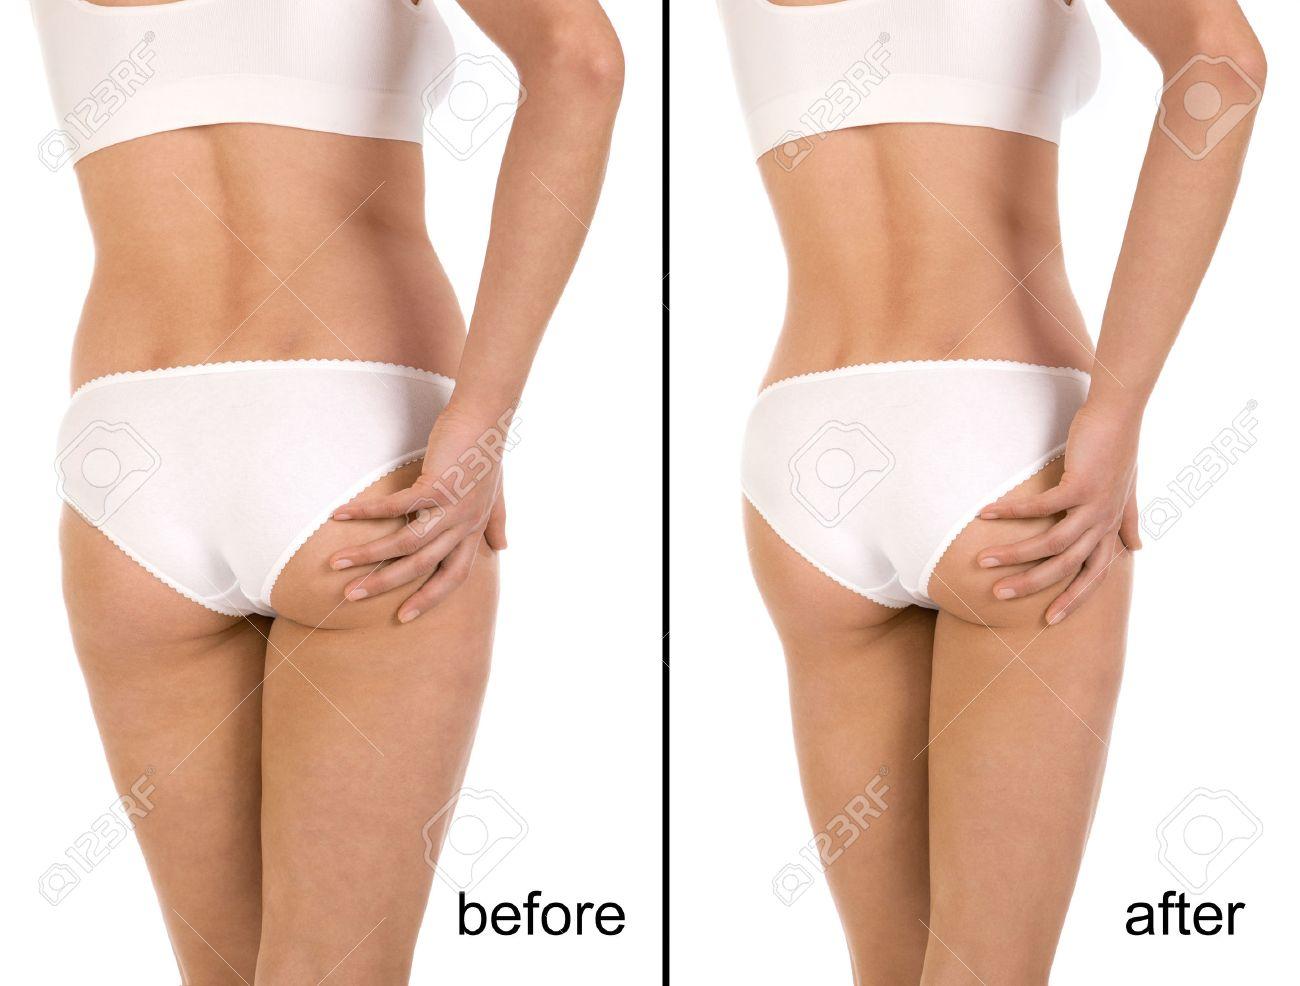 Enzymes break down fats